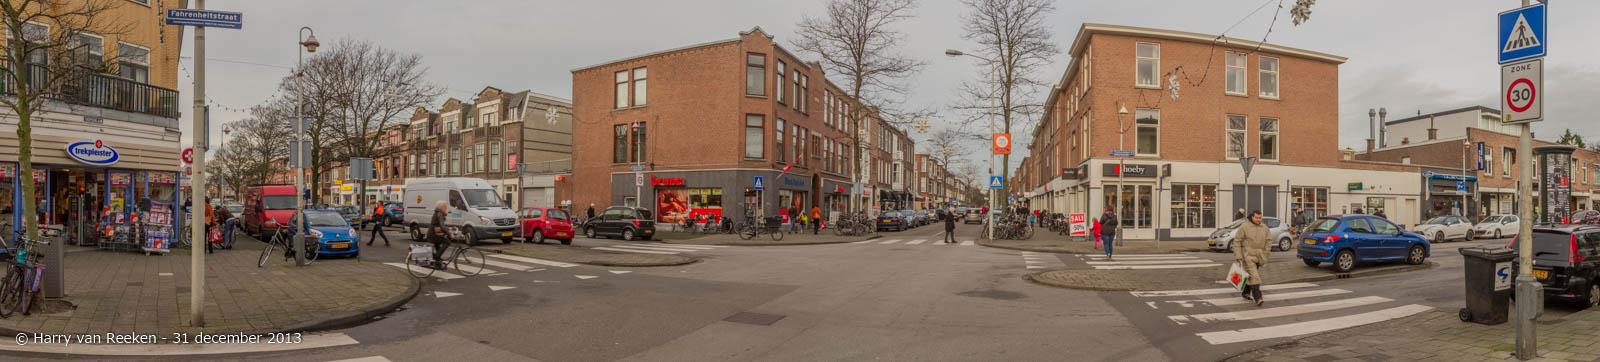 Thomsonlaan - Fahrenheitstraat-pano-2